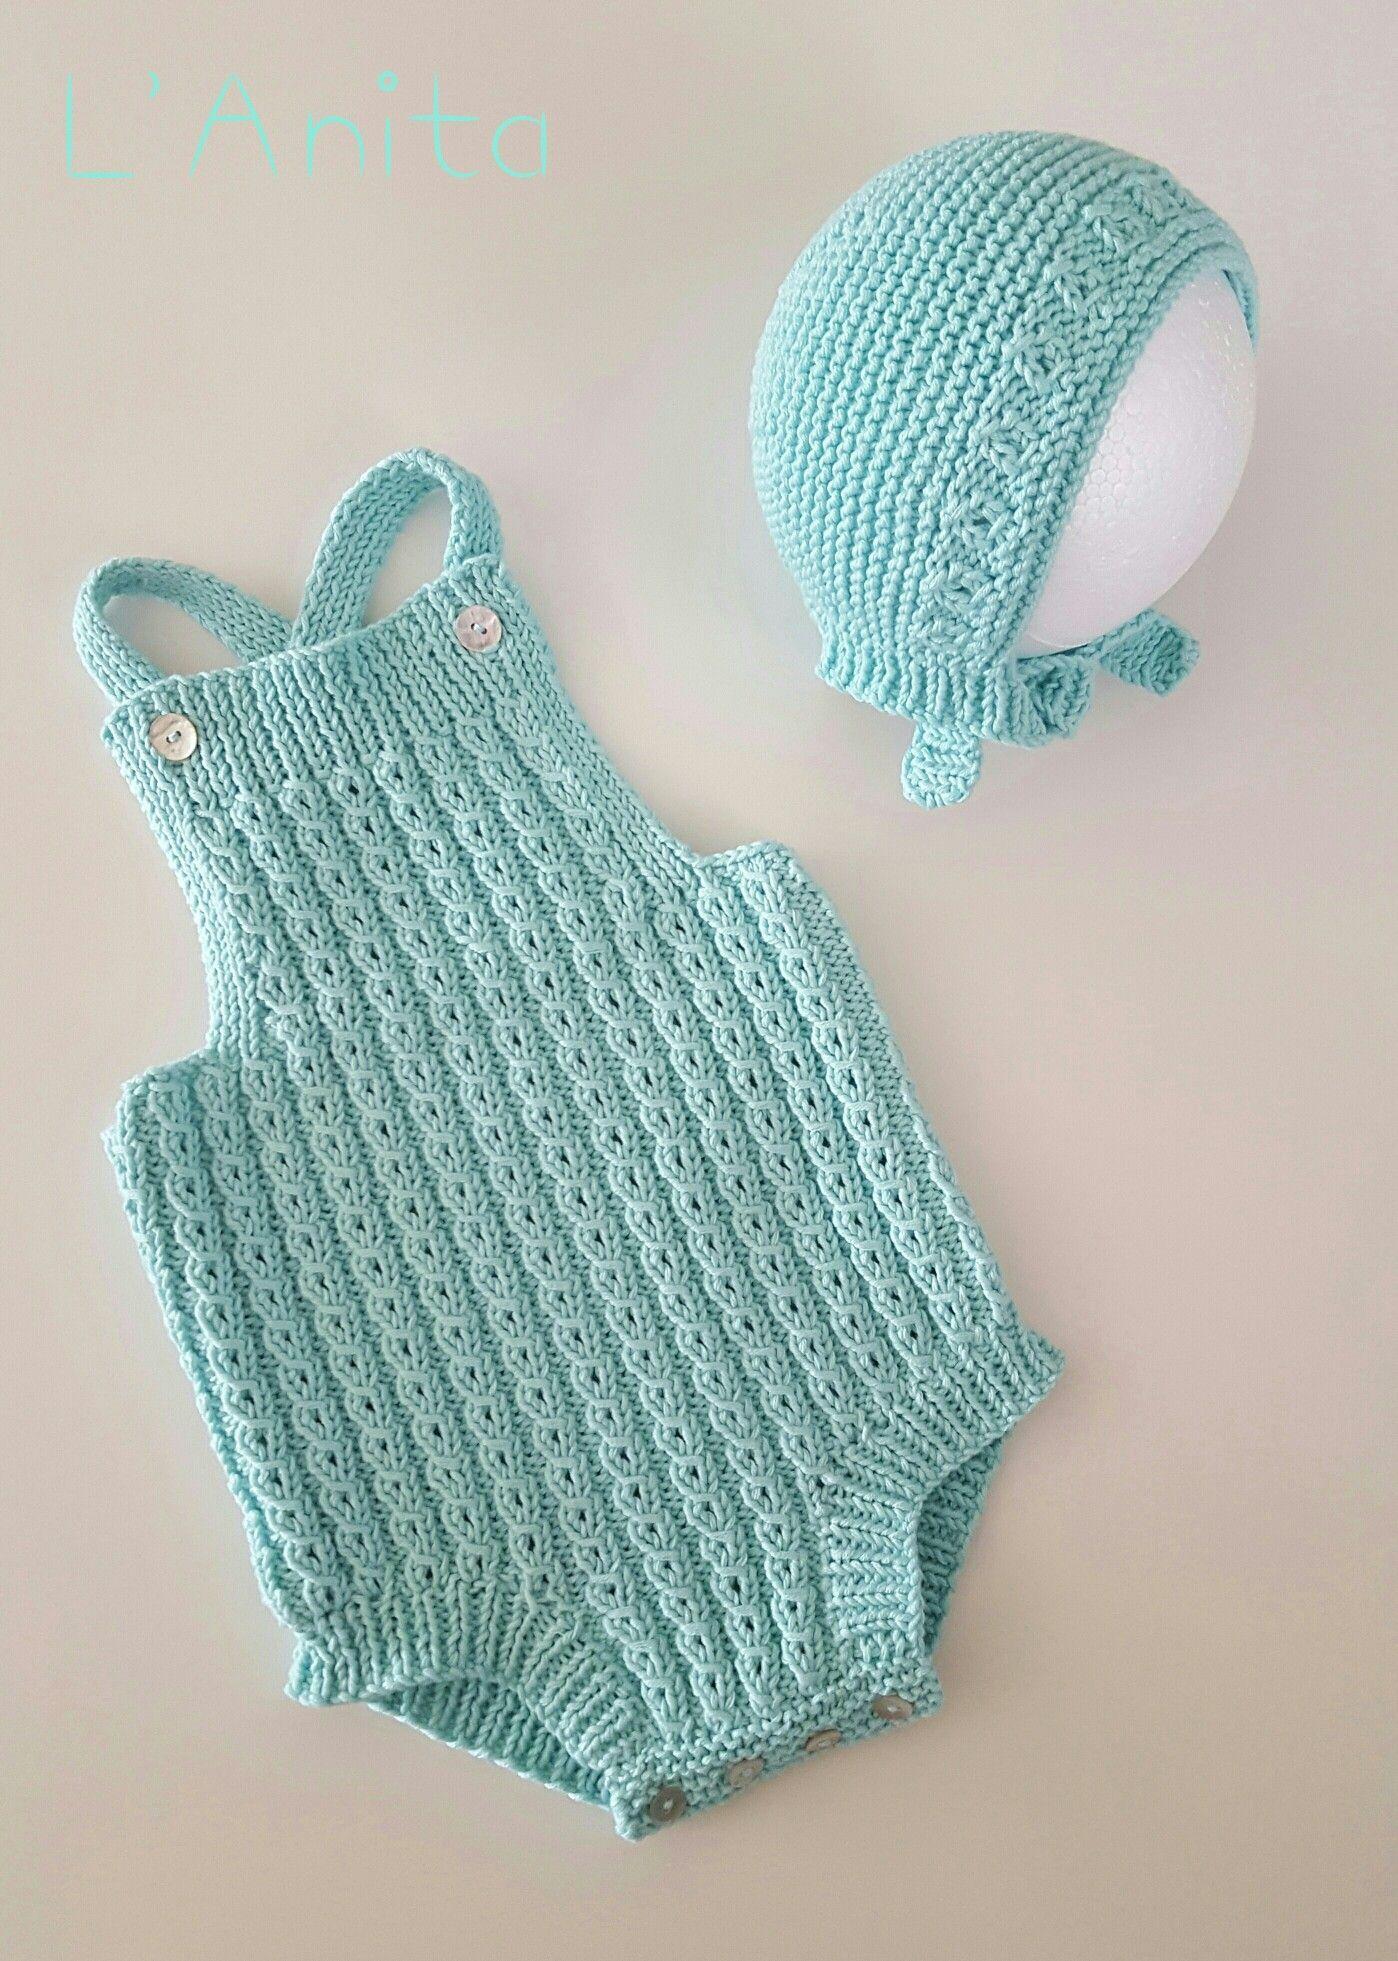 1584d3027 Conjunto ranita de ochitos y capota tejidos a mano con 100% algodón. L'Anita